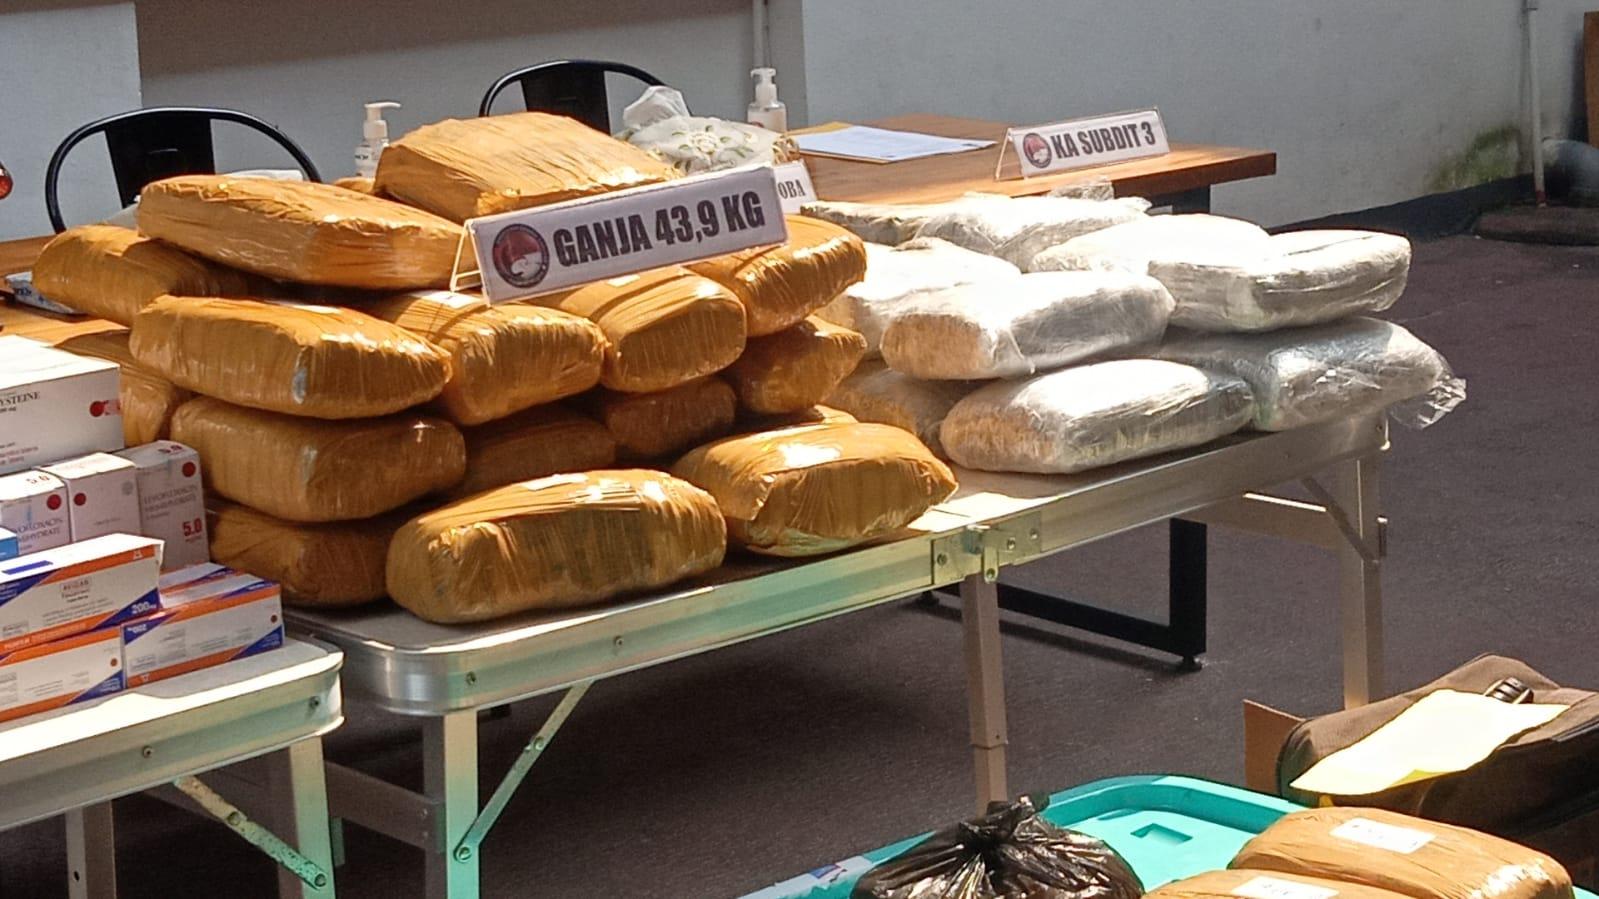 Barang bukti ganja diamankan polisi. (Foto: PMJ News).